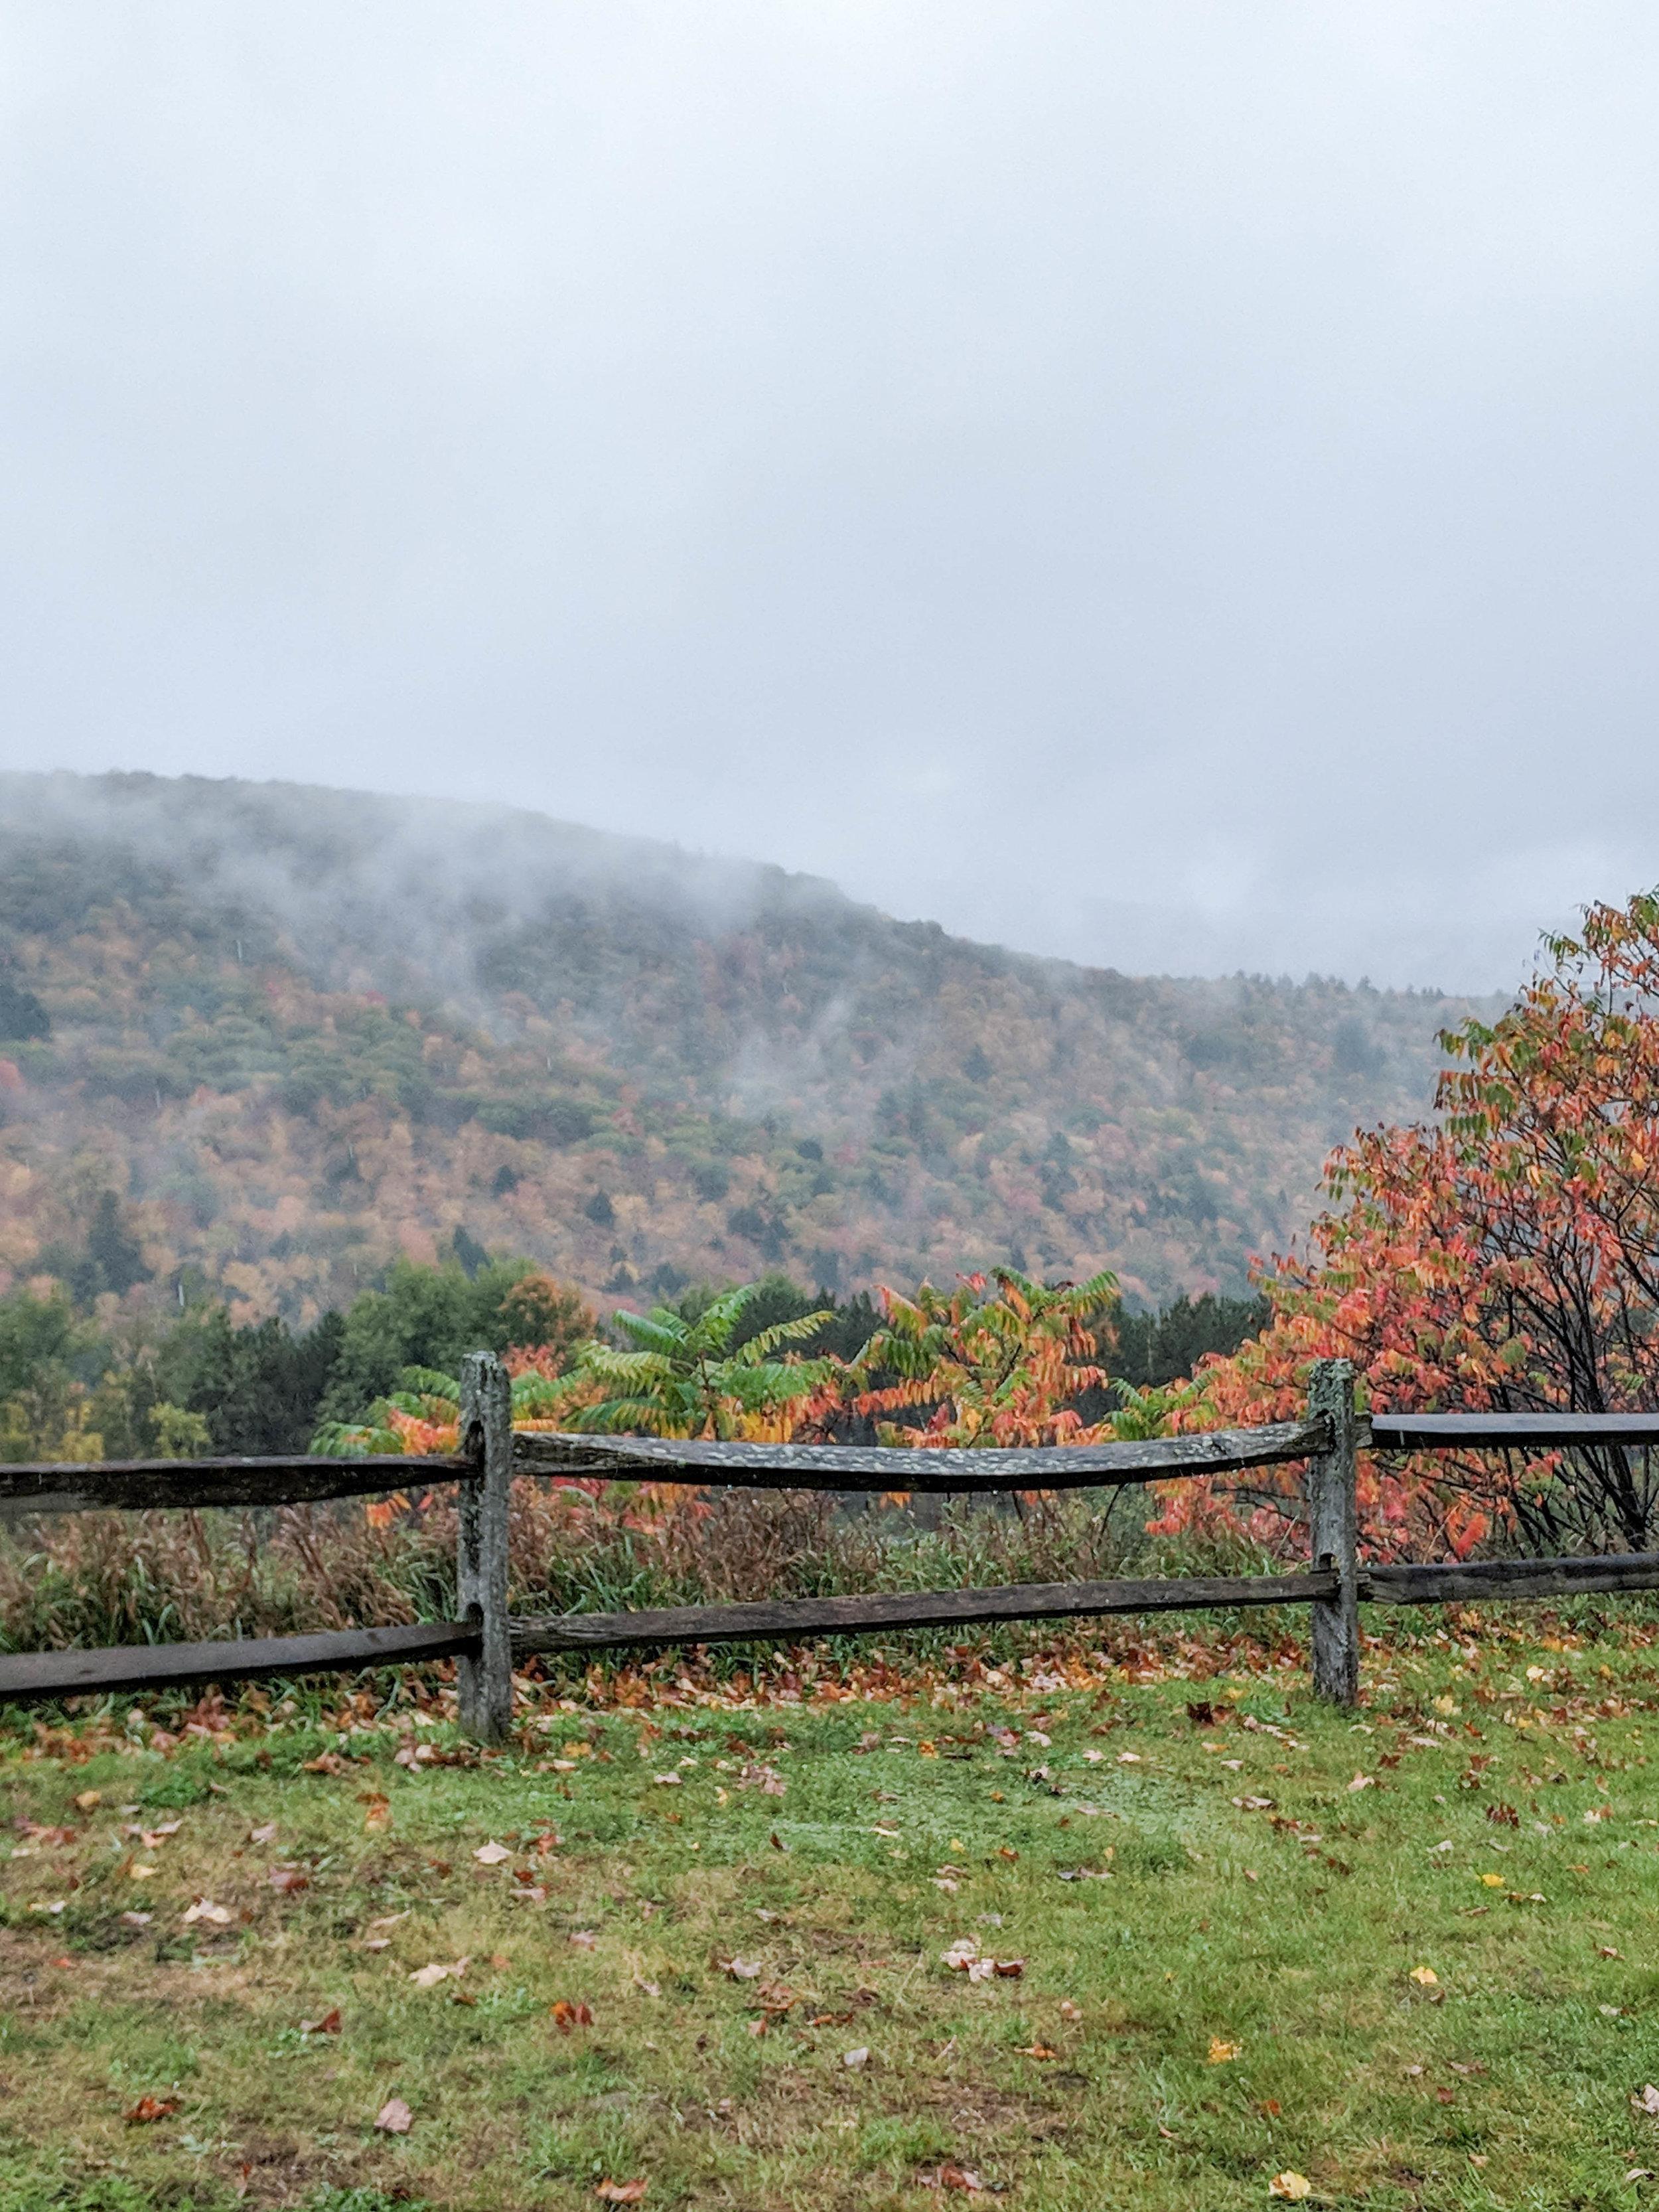 bri rinehart; photography; new hampshire; fall